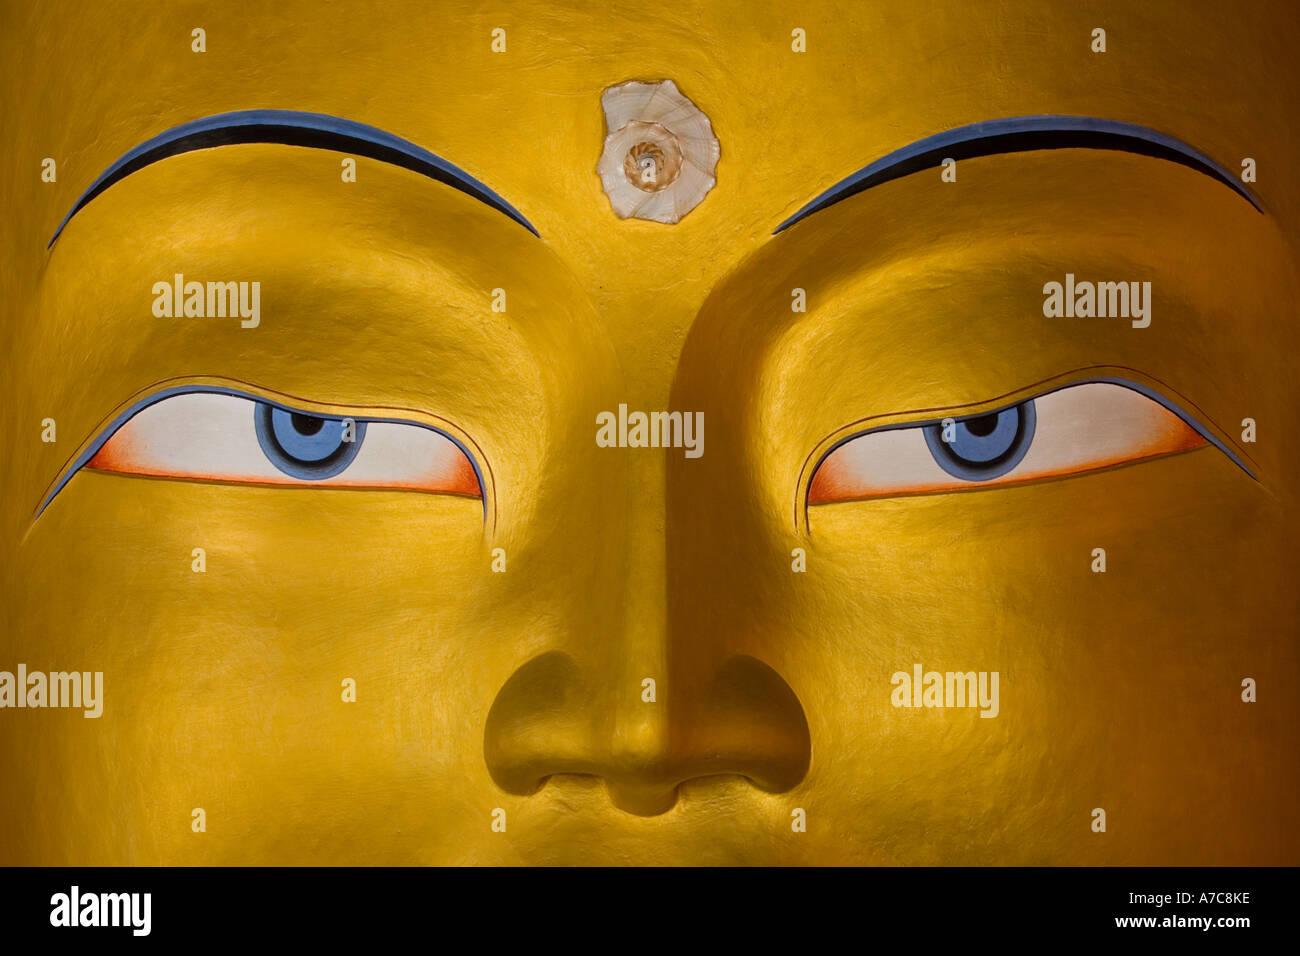 Dettaglio della bella enorme Buddha che sorge all'interno del monastero di Thiksey Thiksey Ladakh Himalaya indiano Immagini Stock